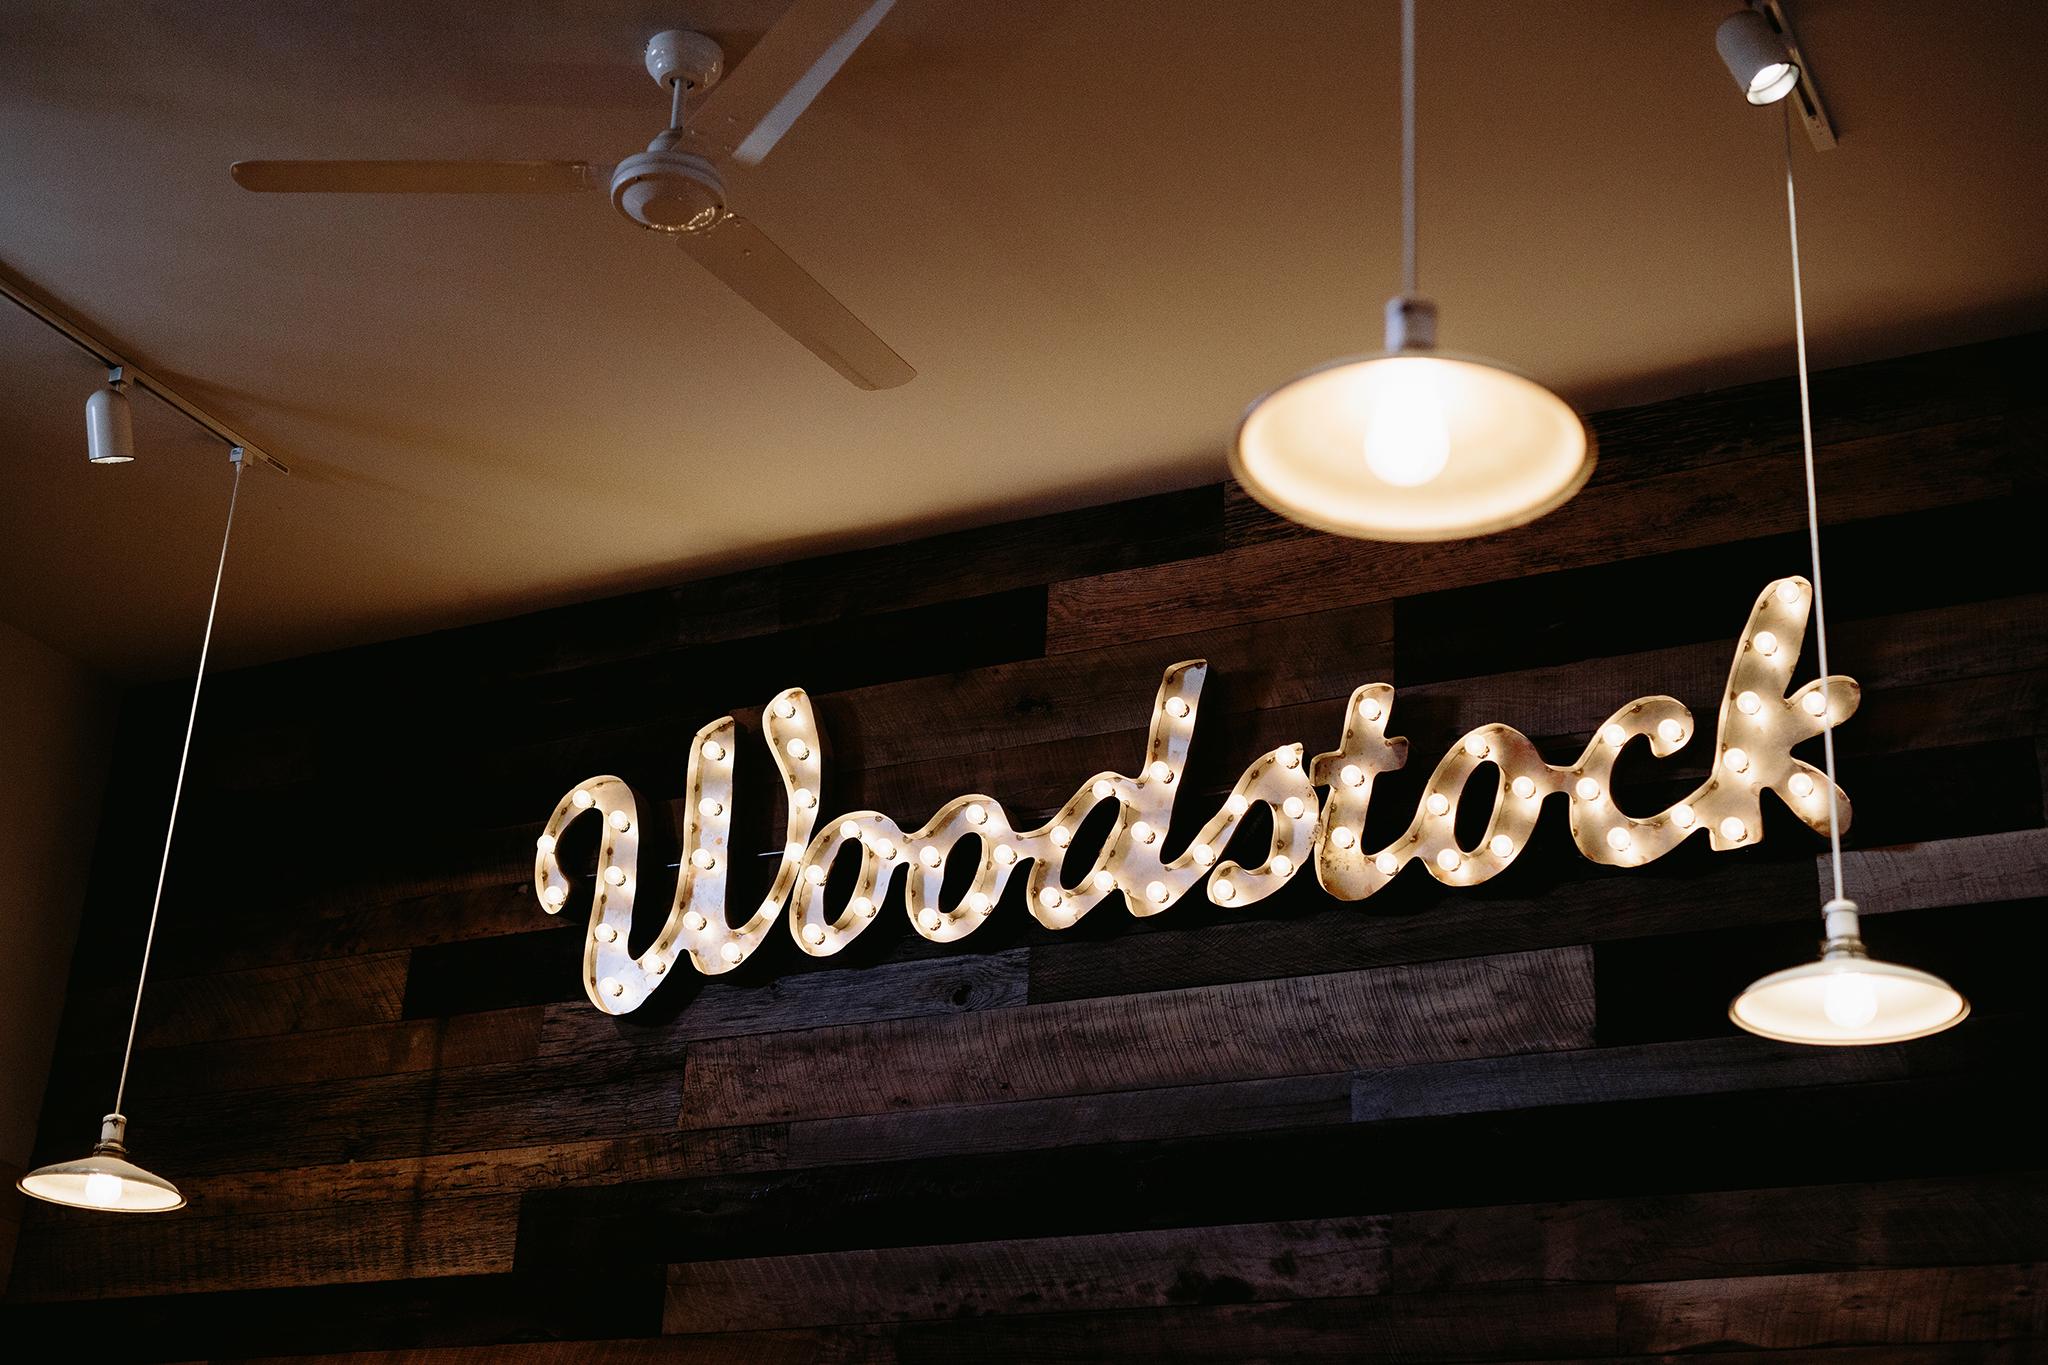 woodstock-web-size-0186.JPG